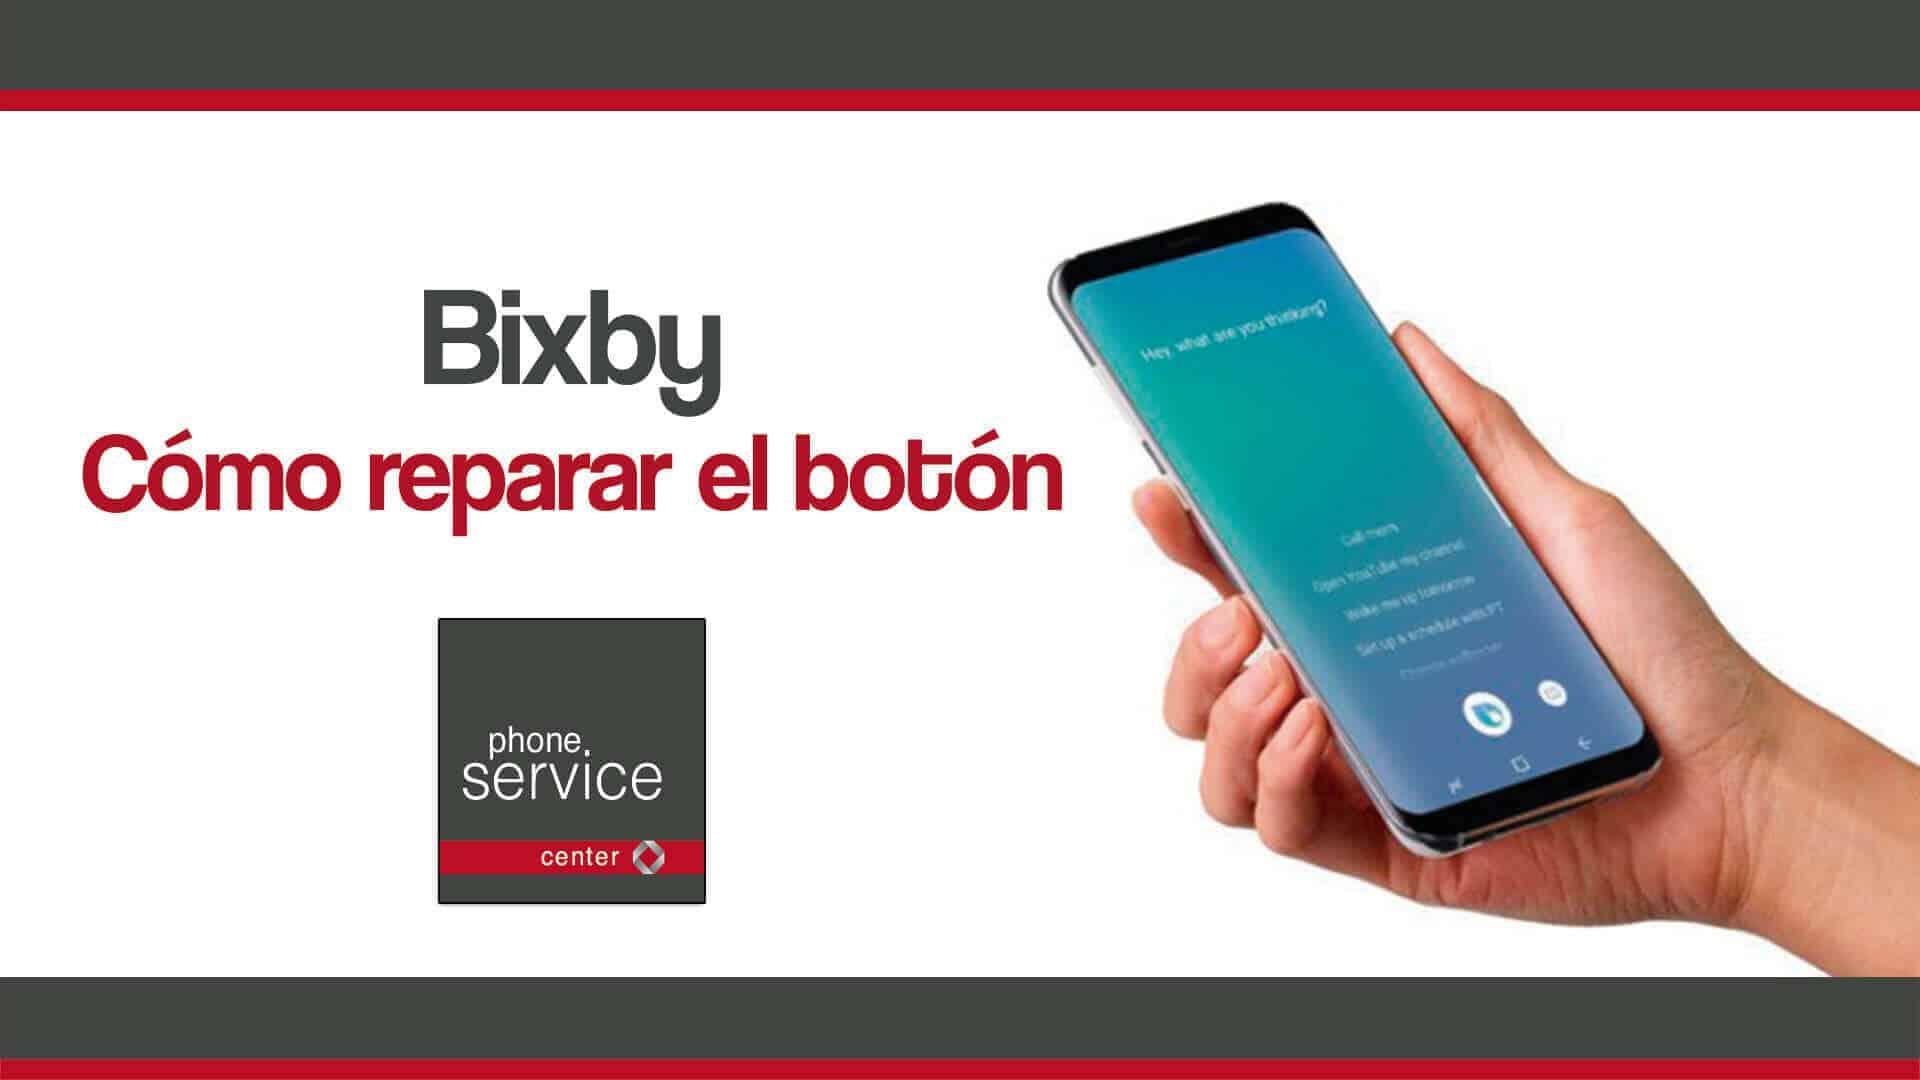 reparar el botón de Bixby